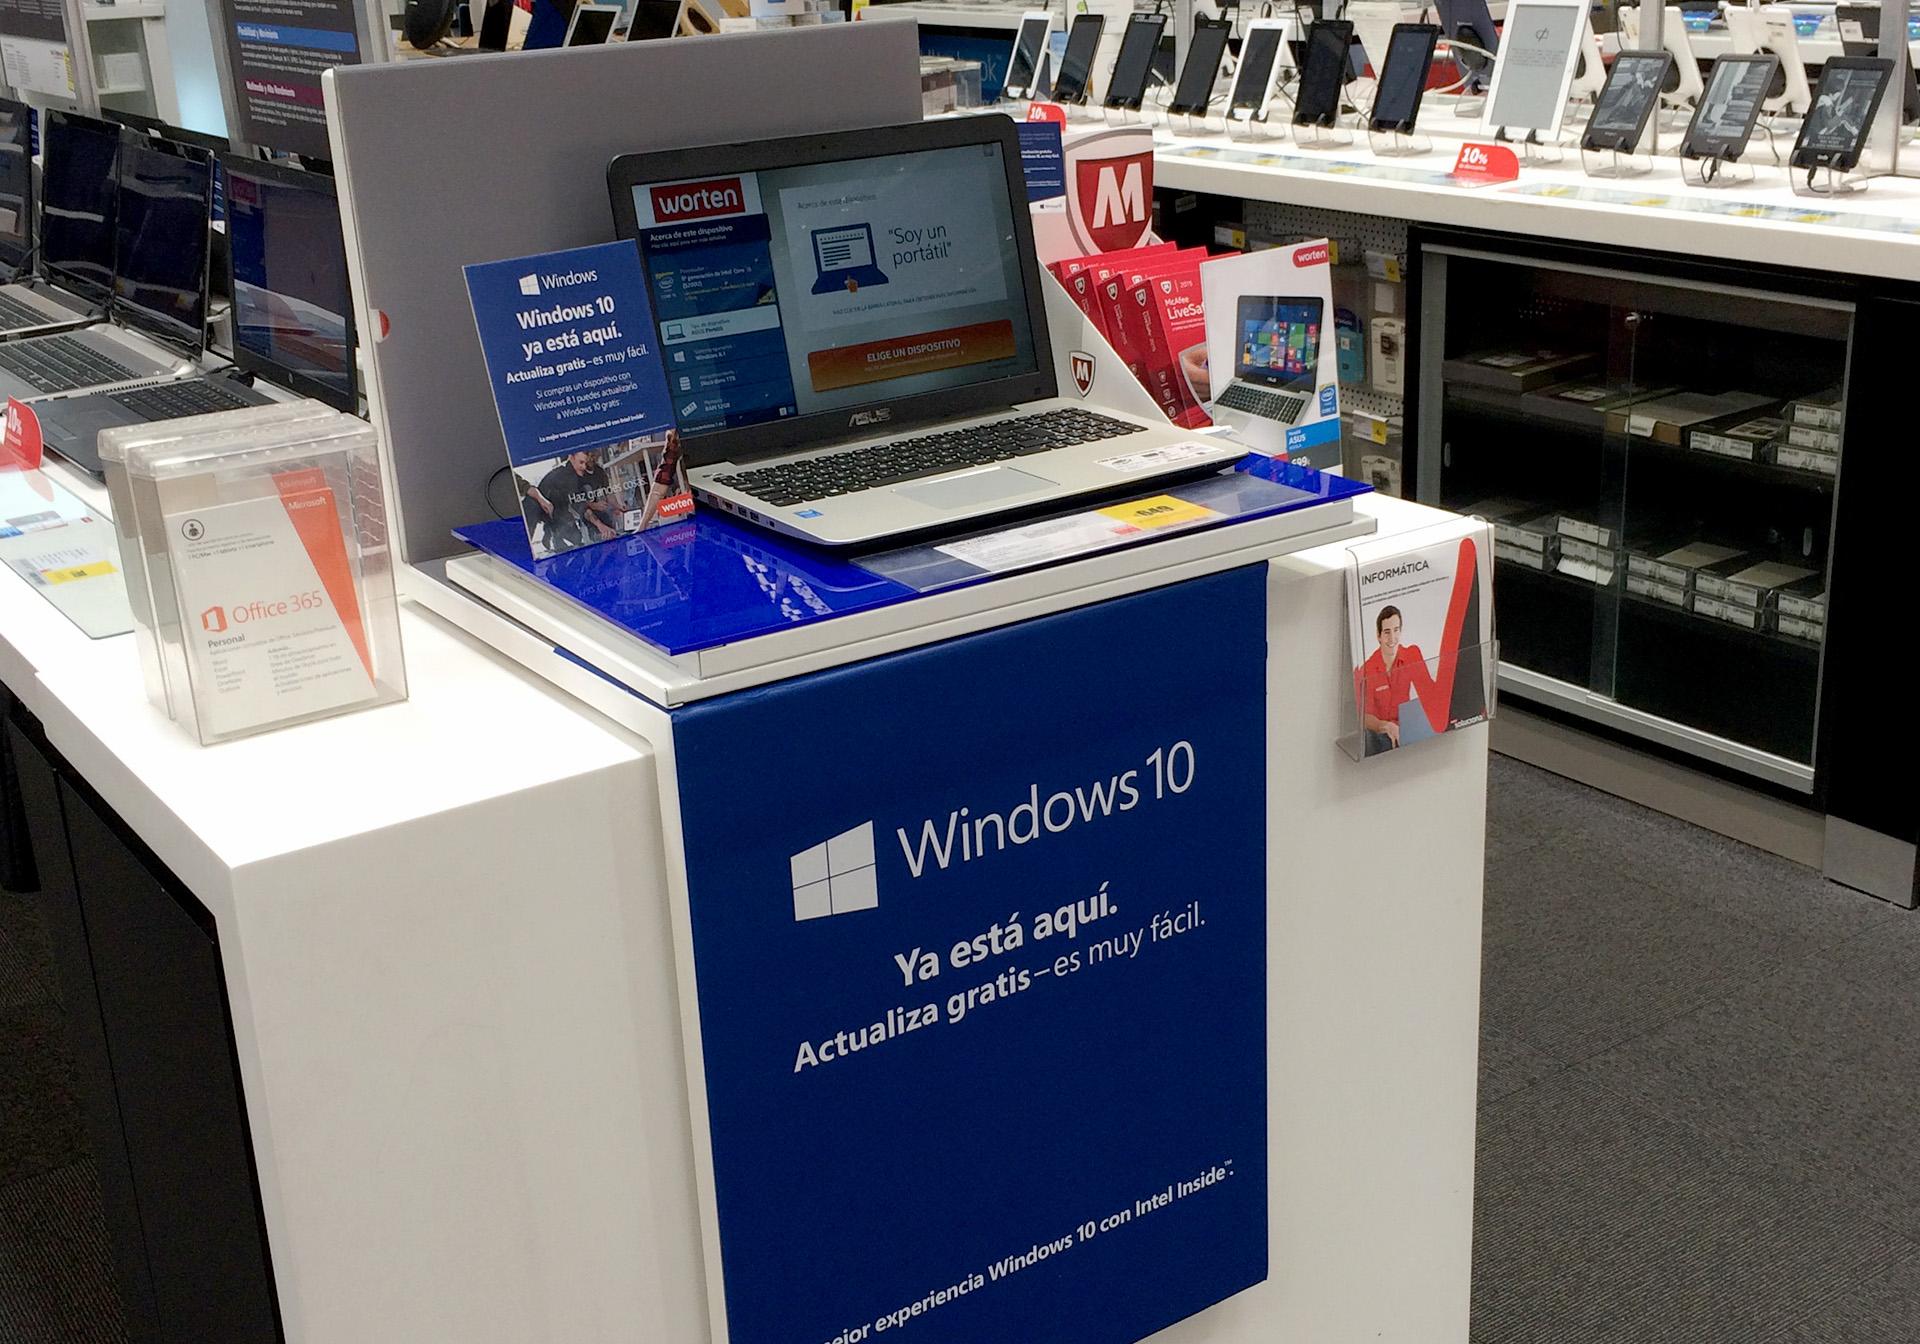 Piezas gráficas en tiendas Worten de lanzamiento Windows 10